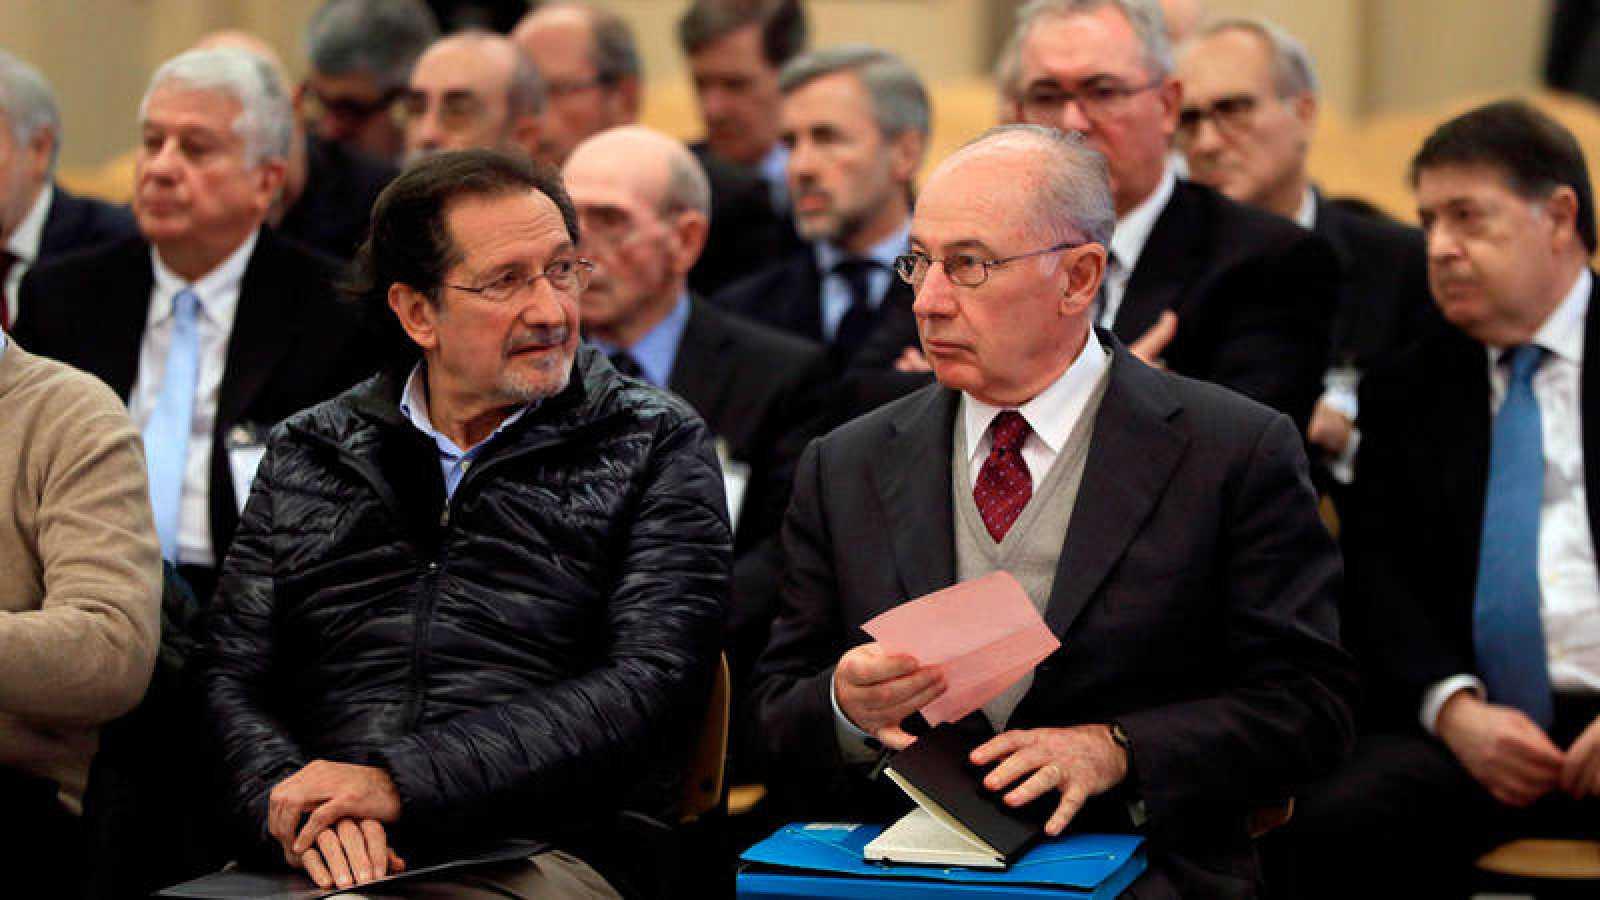 El expresidente de Bankia Rodrigo Rato junto al exconsejero de Caja Madrid José Antonio Moral Santín